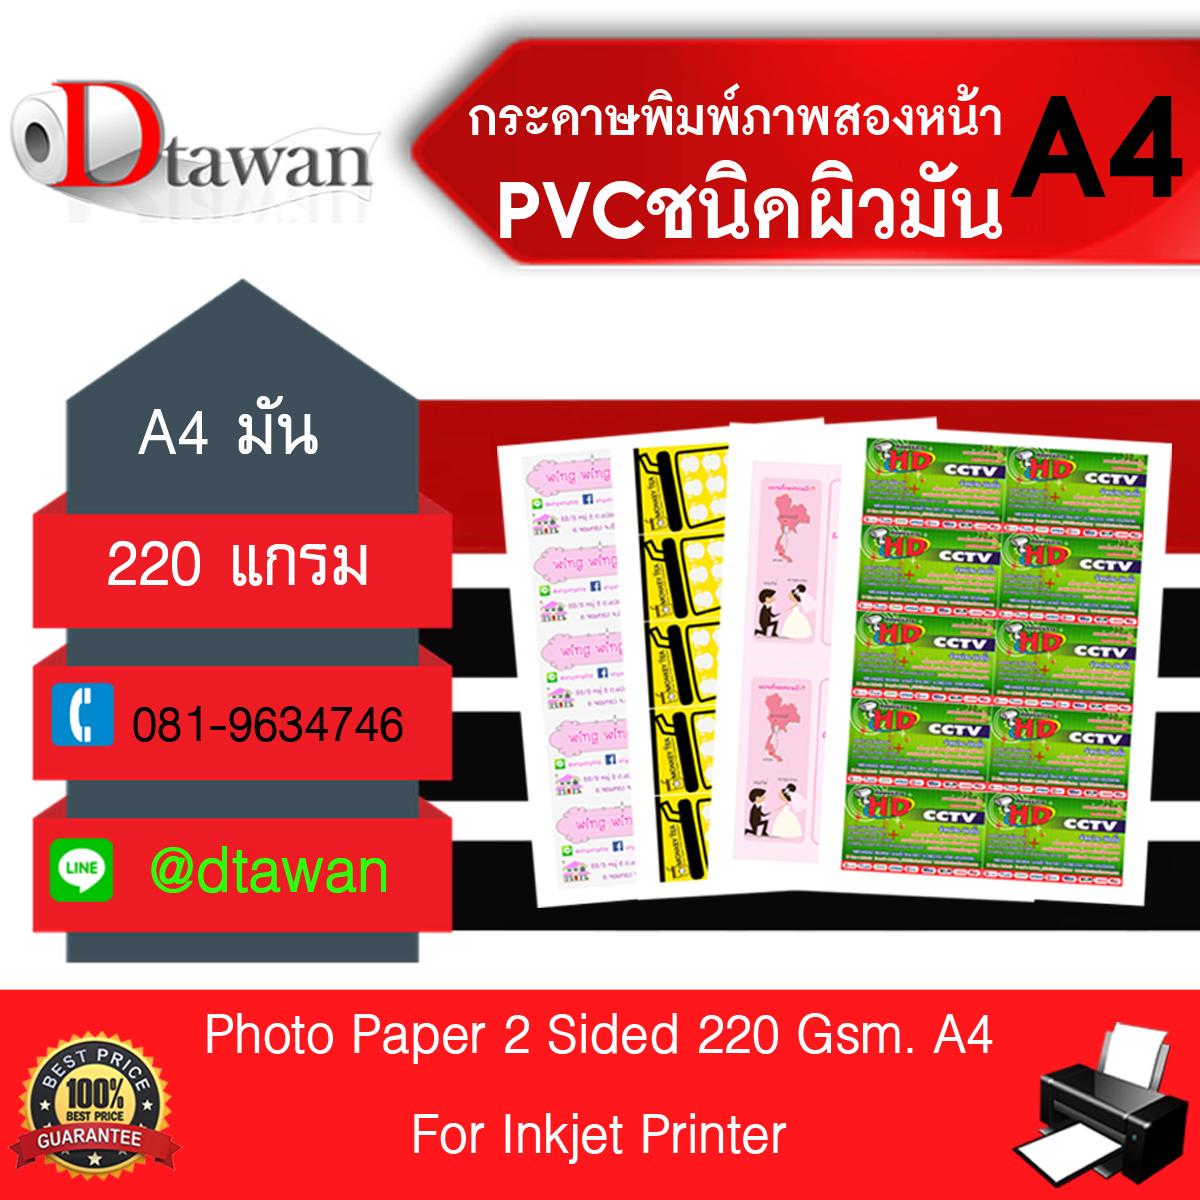 กระดาษโฟโต้สองหน้า PVC ฉีกไม่ขาด 220g ชนิดผิวมัน ขนาด A4 สำหรับงาน นามบัตร แผ่นพับ สิ่งพิมพ์ การ์ดเชิญงานต่างๆ